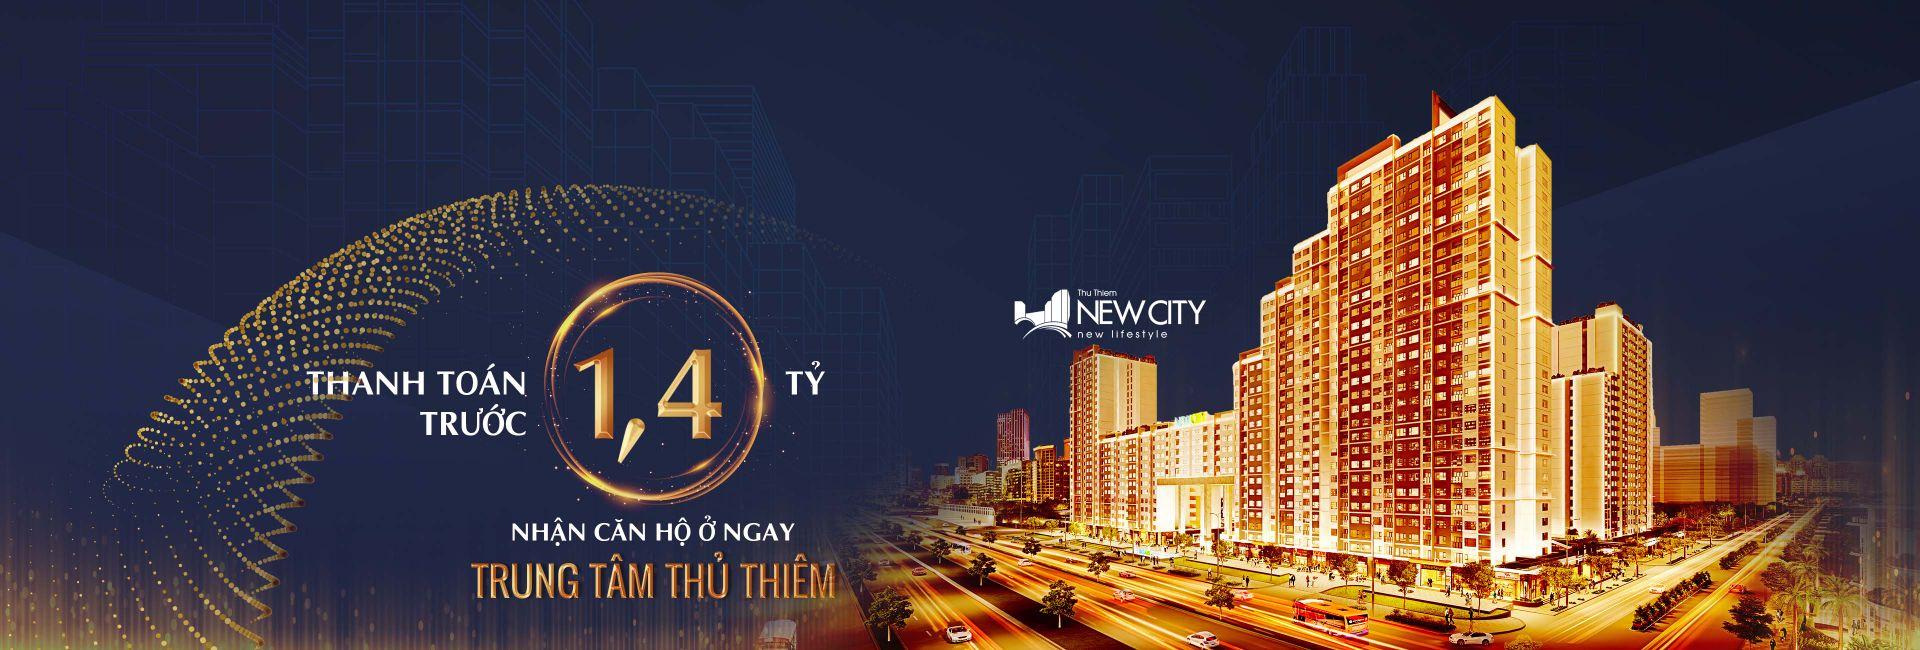 Dự án Newcity Thủ Thiêm